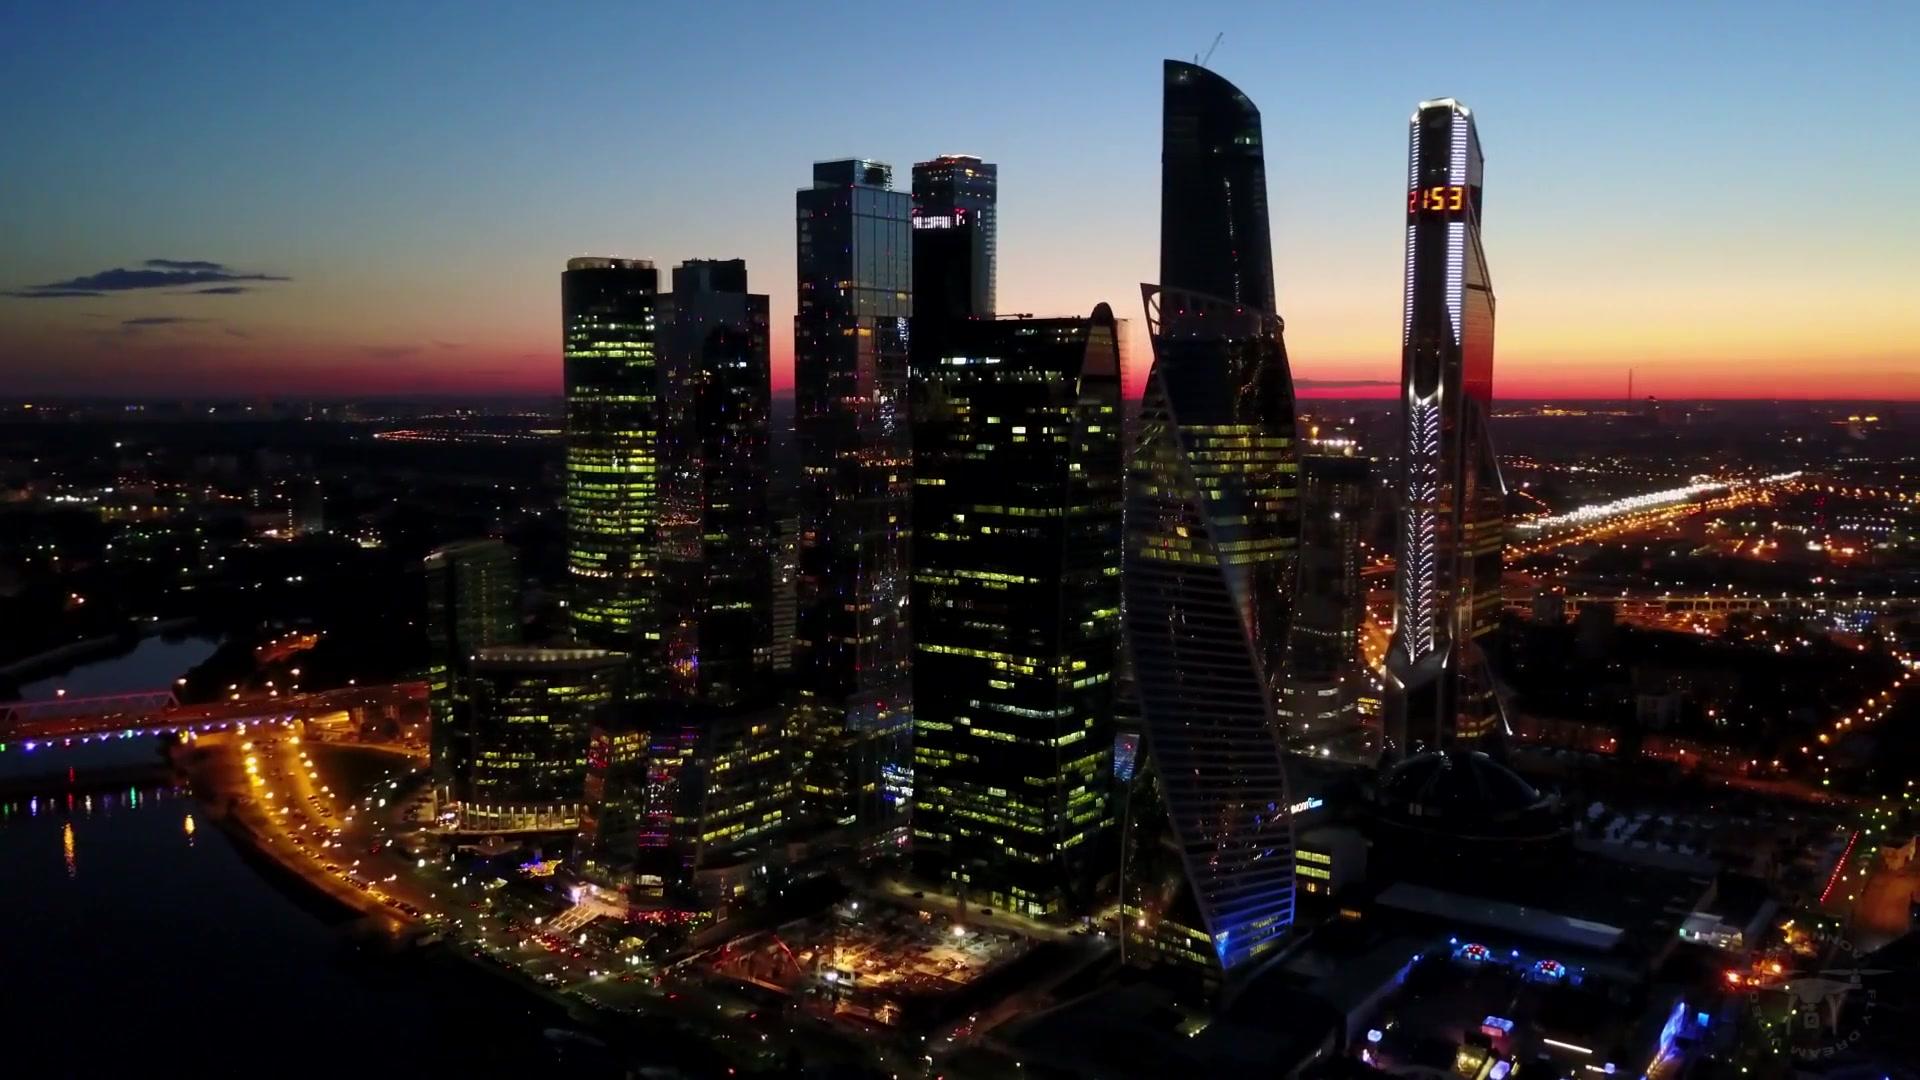 莫斯科天际线航拍-Москва-Сити